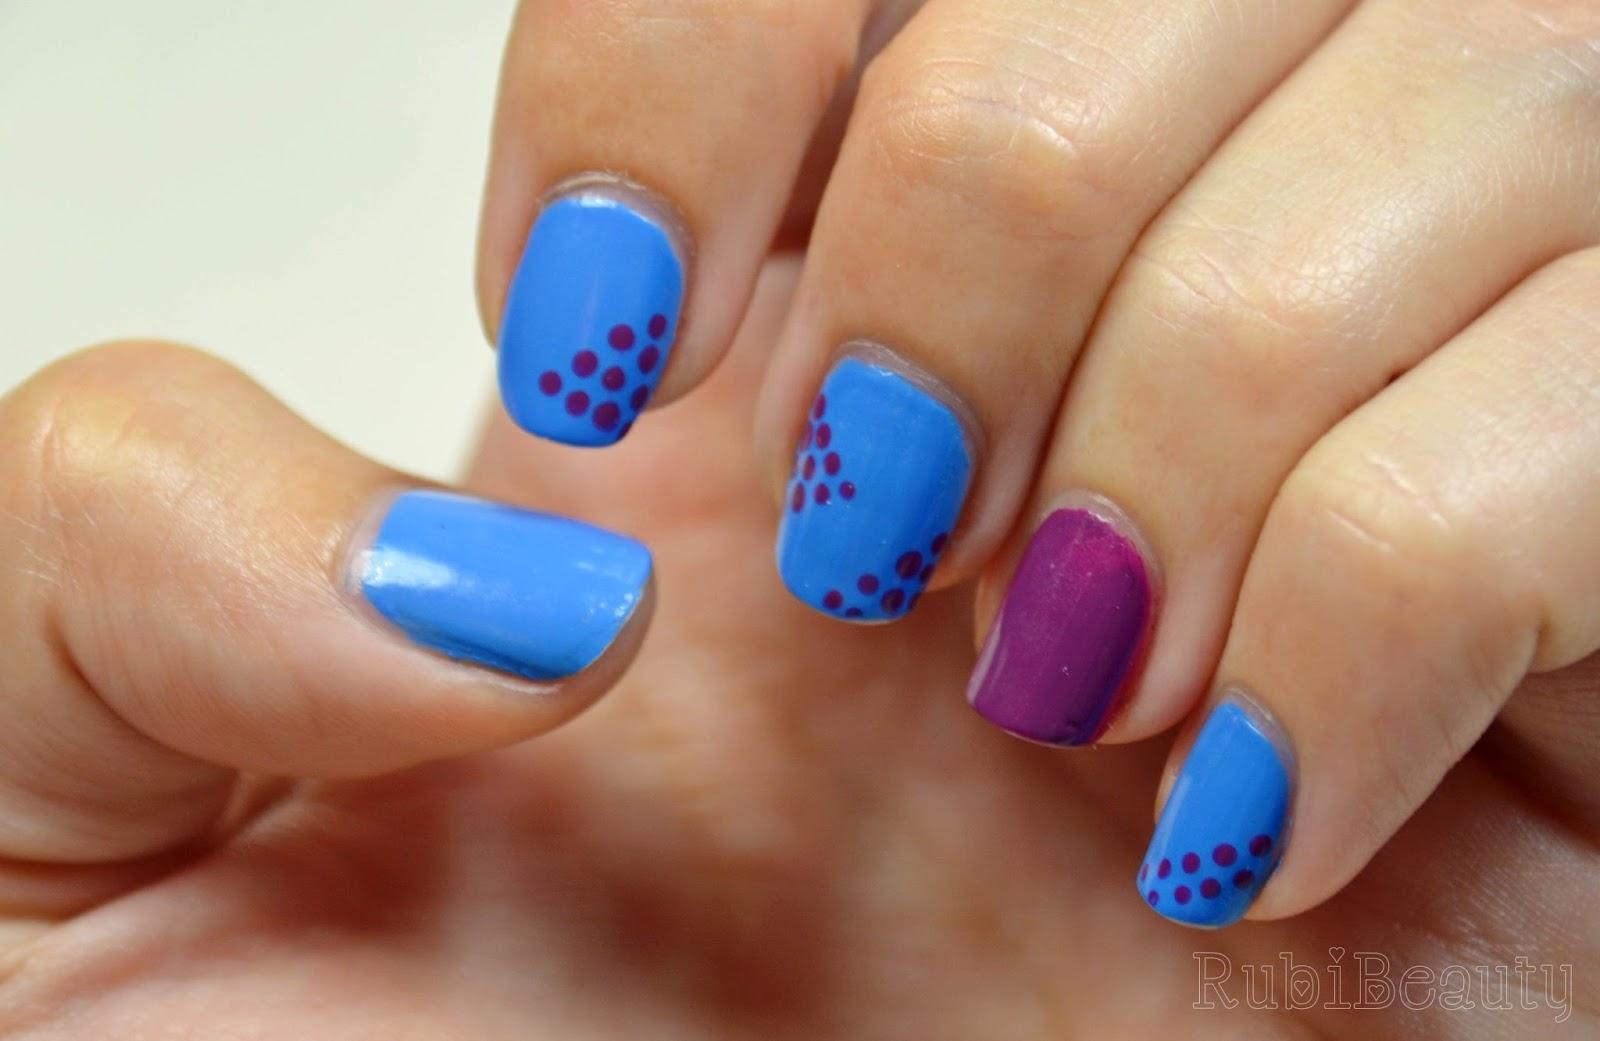 rubibeauty manicura diseño uñas faciles sencillos kiko puntos